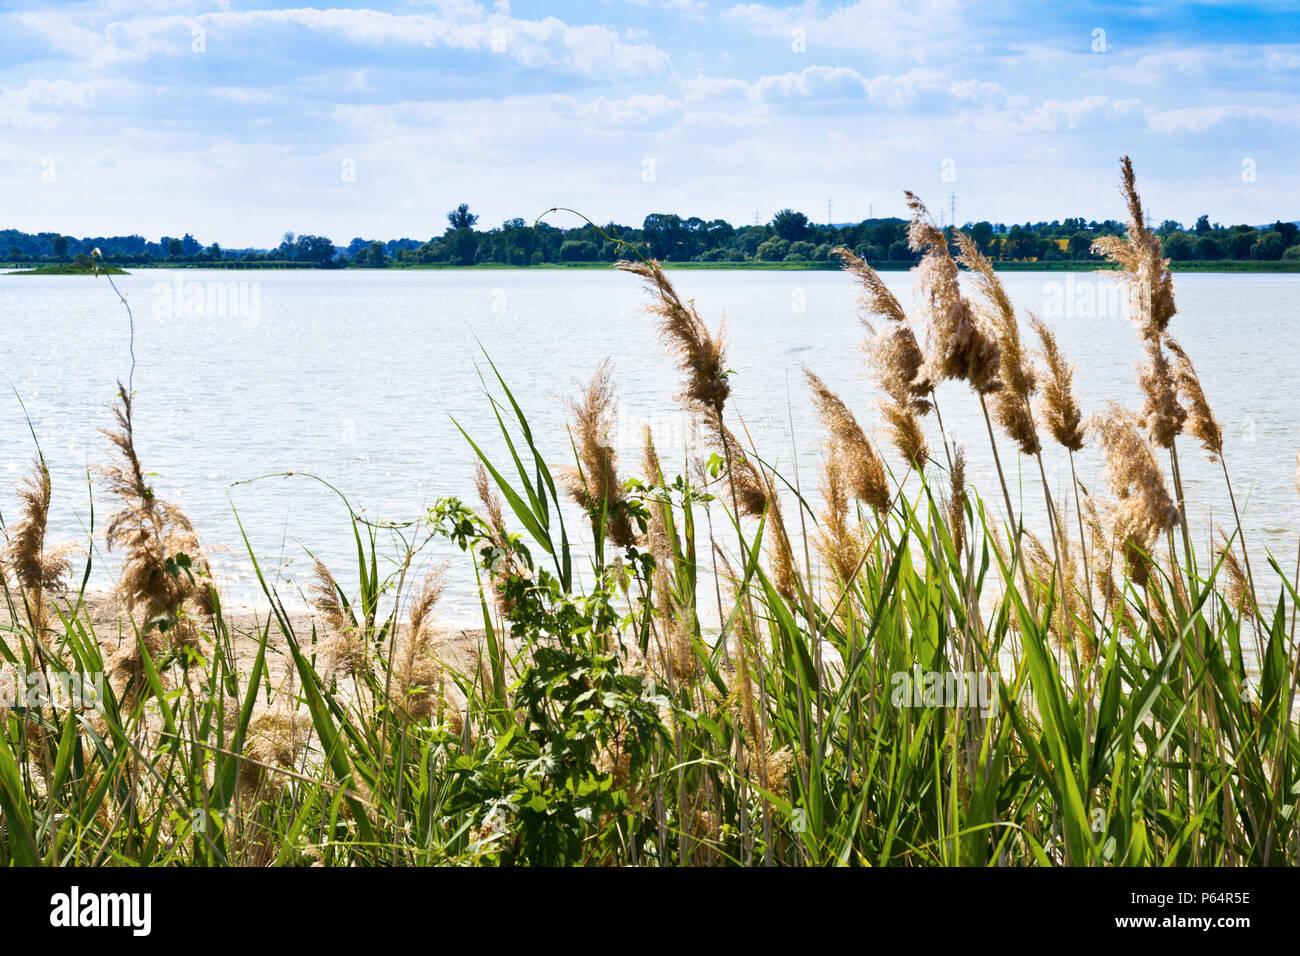 Mlýnský rybník, národní přírodní rezervace Lednické rybníky, Lednice (UNESCO), LVA Lednicko-valtický areál, Jihomoravský kraj, Ceska republika / Mill  Stock Photo